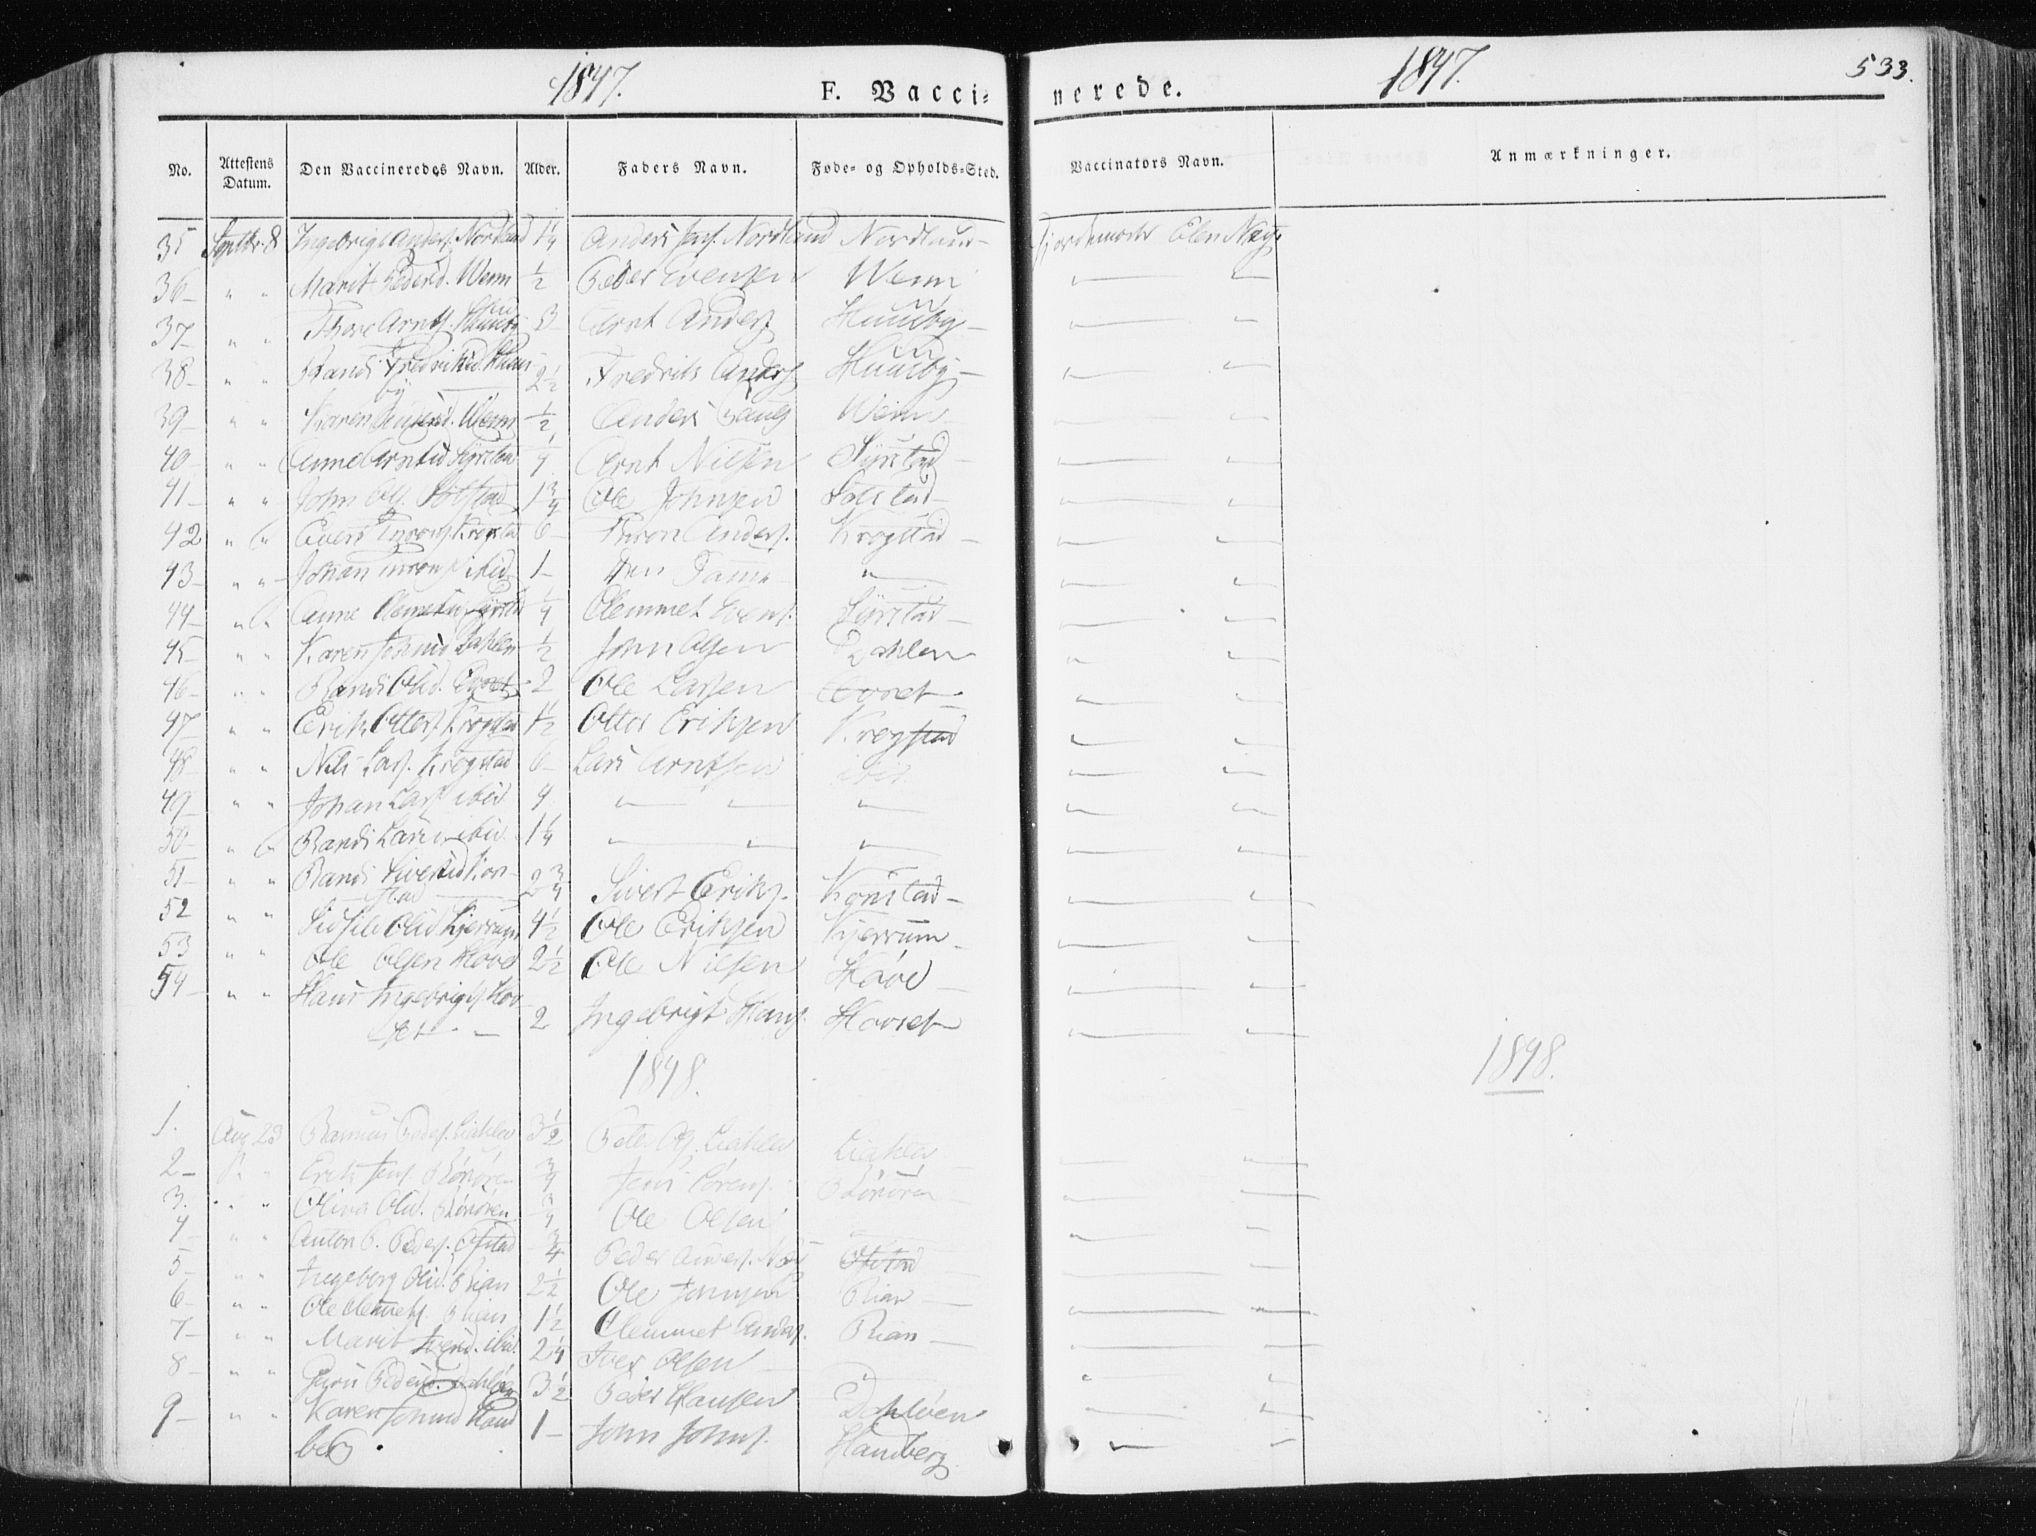 SAT, Ministerialprotokoller, klokkerbøker og fødselsregistre - Sør-Trøndelag, 665/L0771: Ministerialbok nr. 665A06, 1830-1856, s. 533